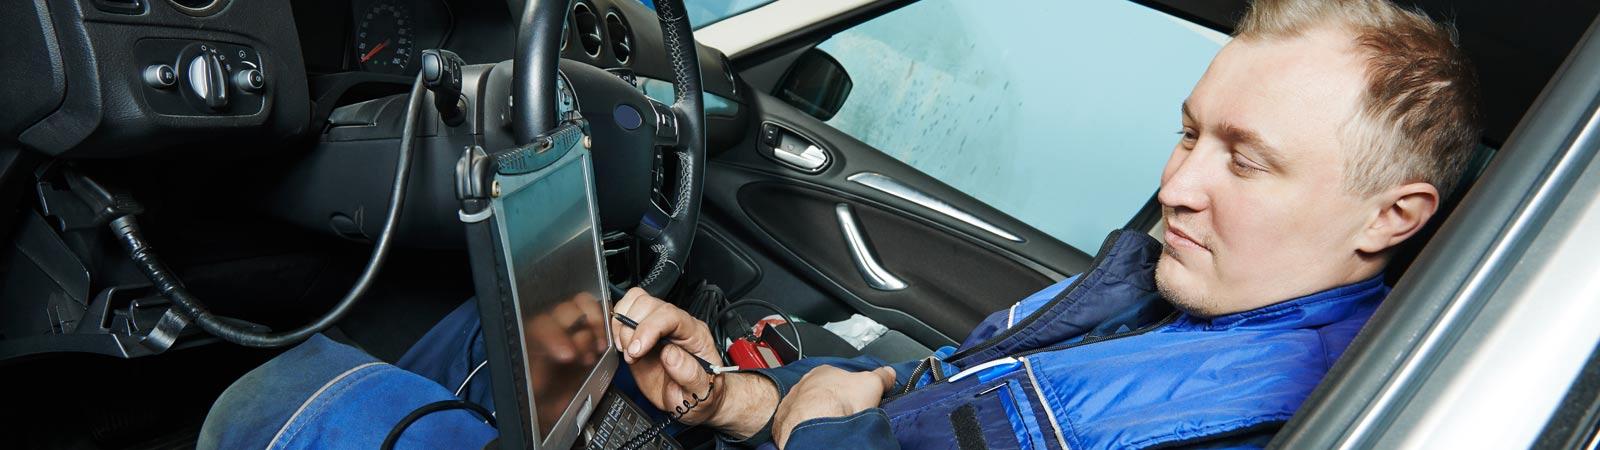 car repair3